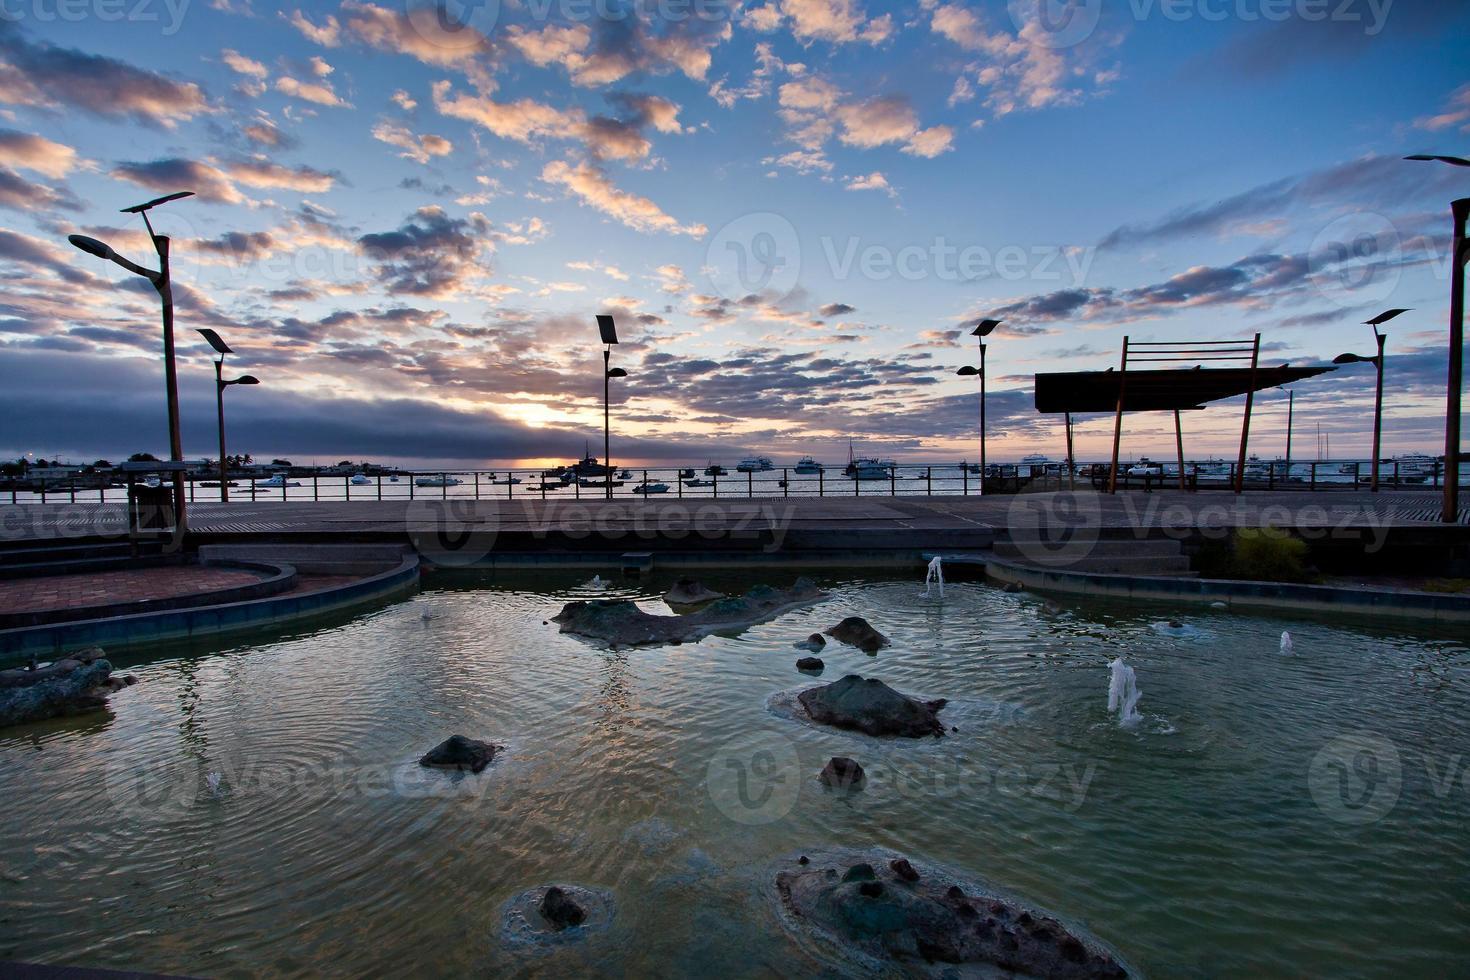 incredibile tramonto lungo il porto nell'isola di san cristobal, nelle galapagos foto